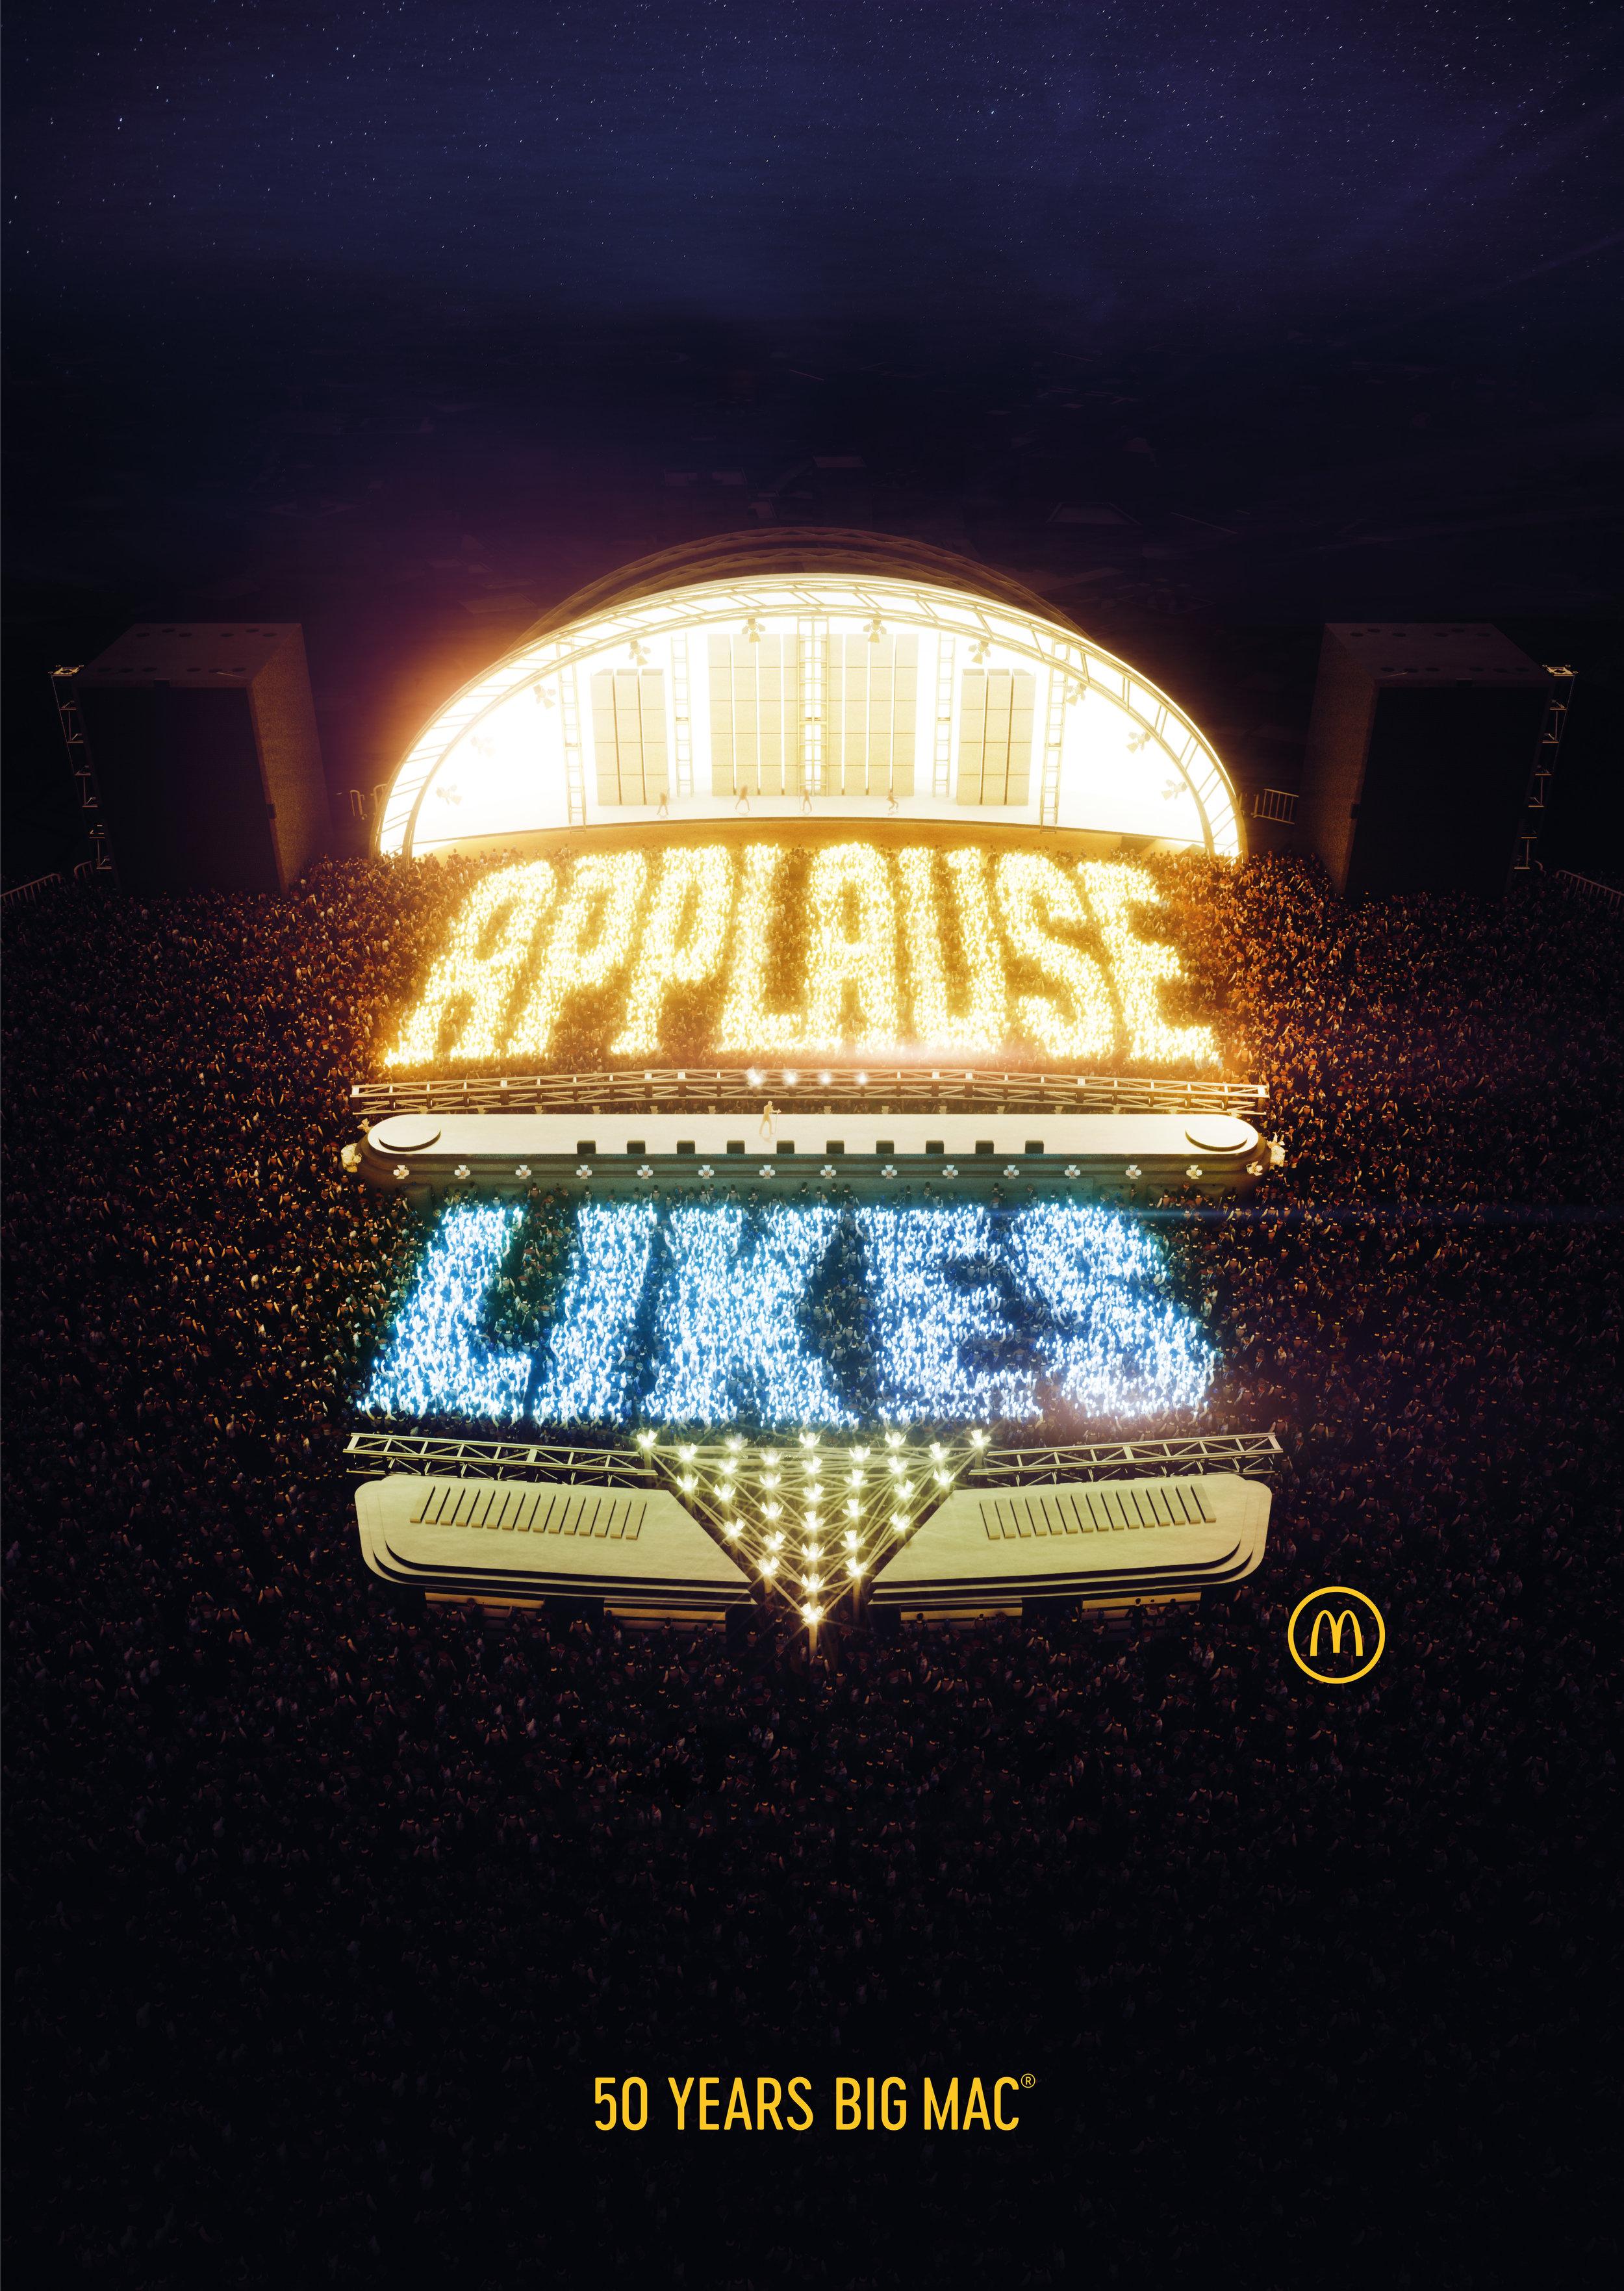 56_Applause:Likes.jpg